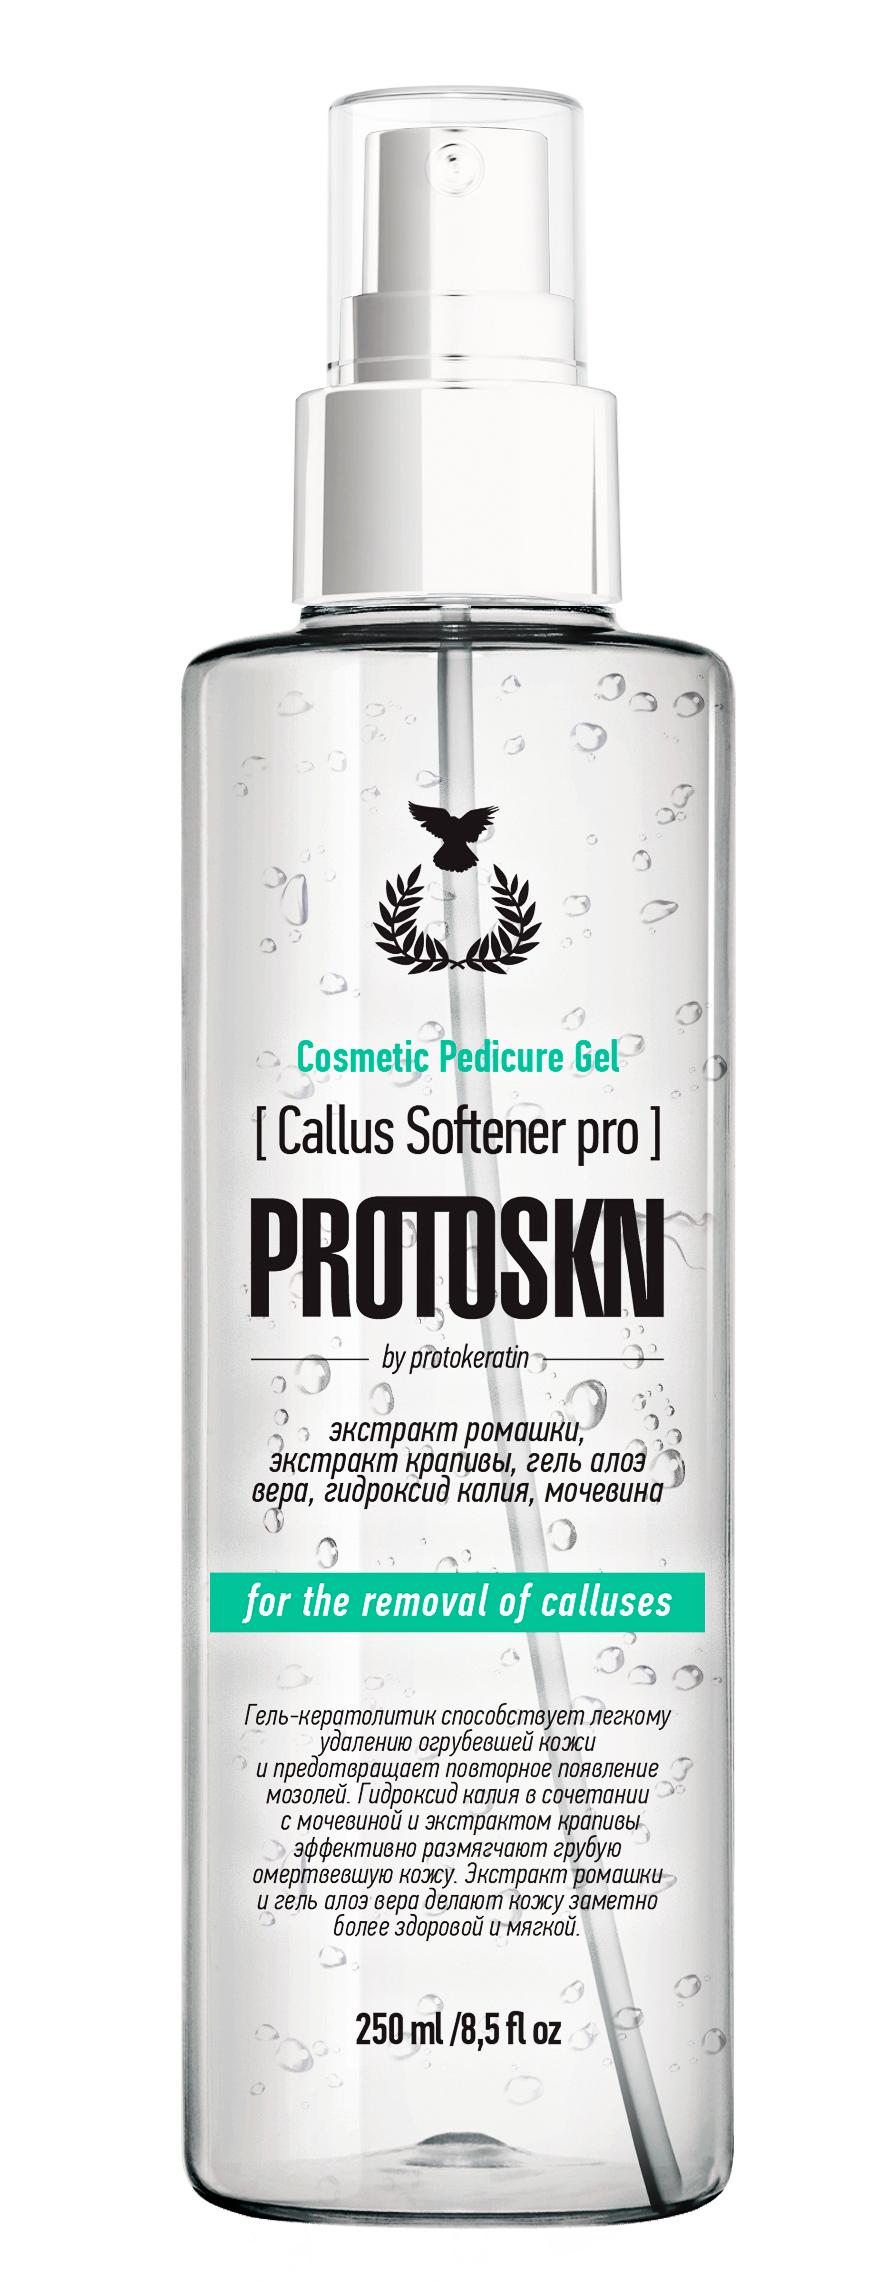 PROTOKERATIN Гель-кератолитик для удаления мозолей и натоптышей / ProtoSKN Callus Softener 250 мл - Размягчители для педикюра